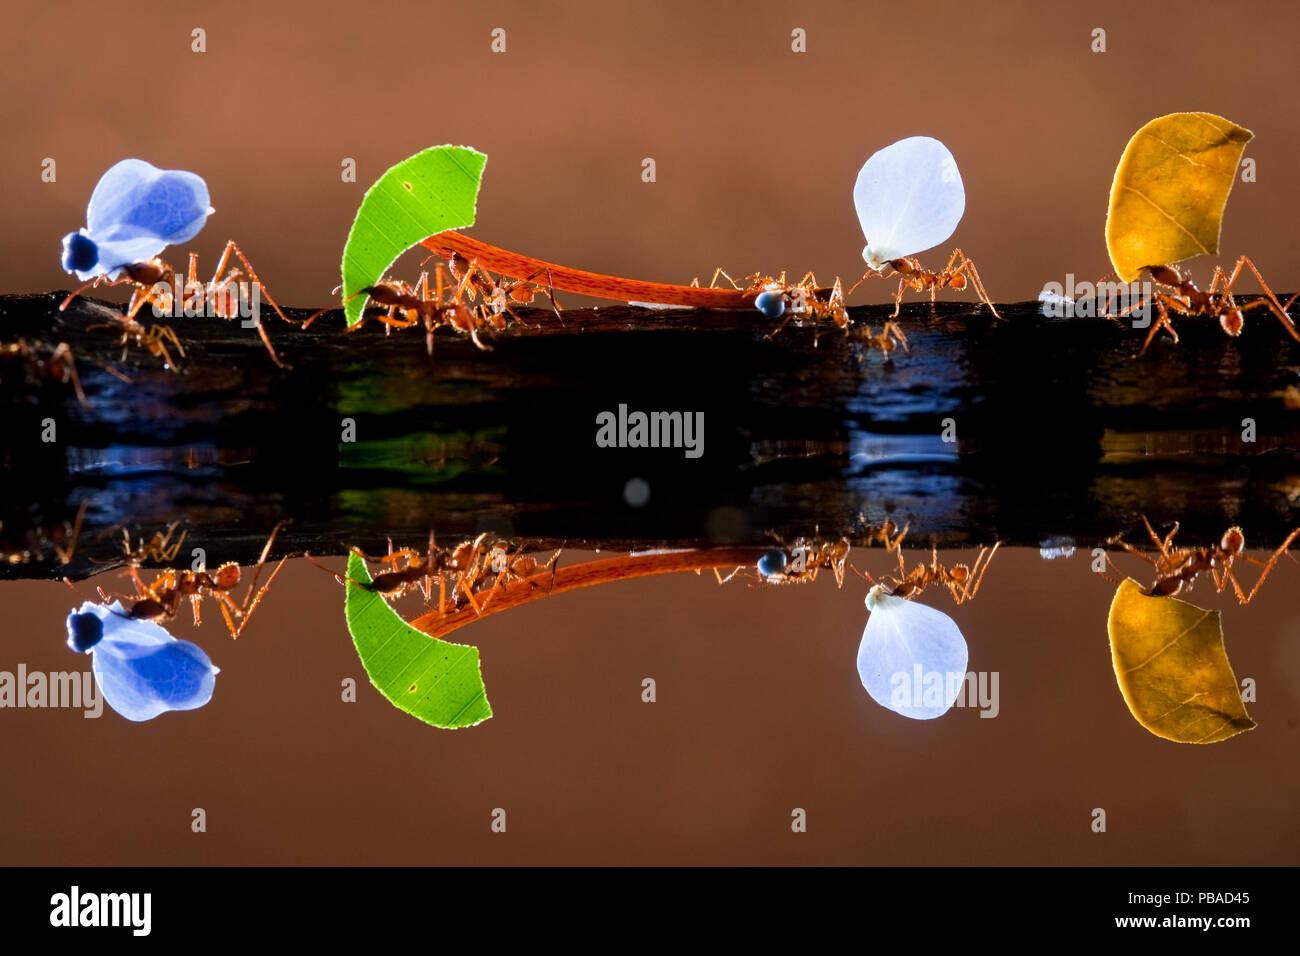 Blattschneiderameisen (Atta sp) Durchführung von bunten Pflanzen, im Wasser spiegelt, Laguna del Lagarto, Santa Rita, Costa Rica Stockbild